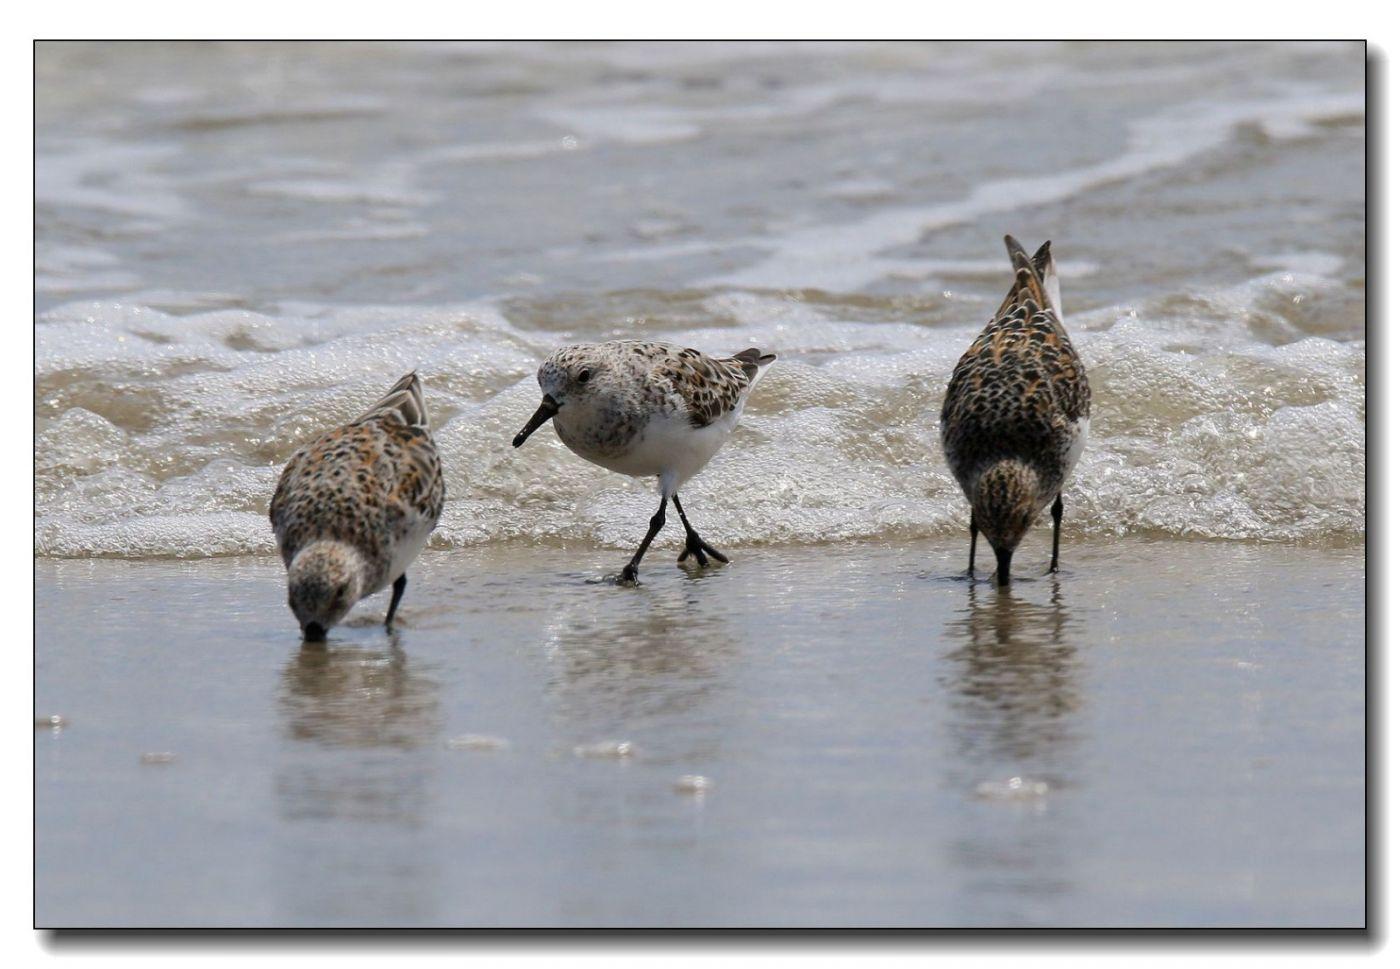 洛克威海滩拍鸟—滨鹬_图1-8